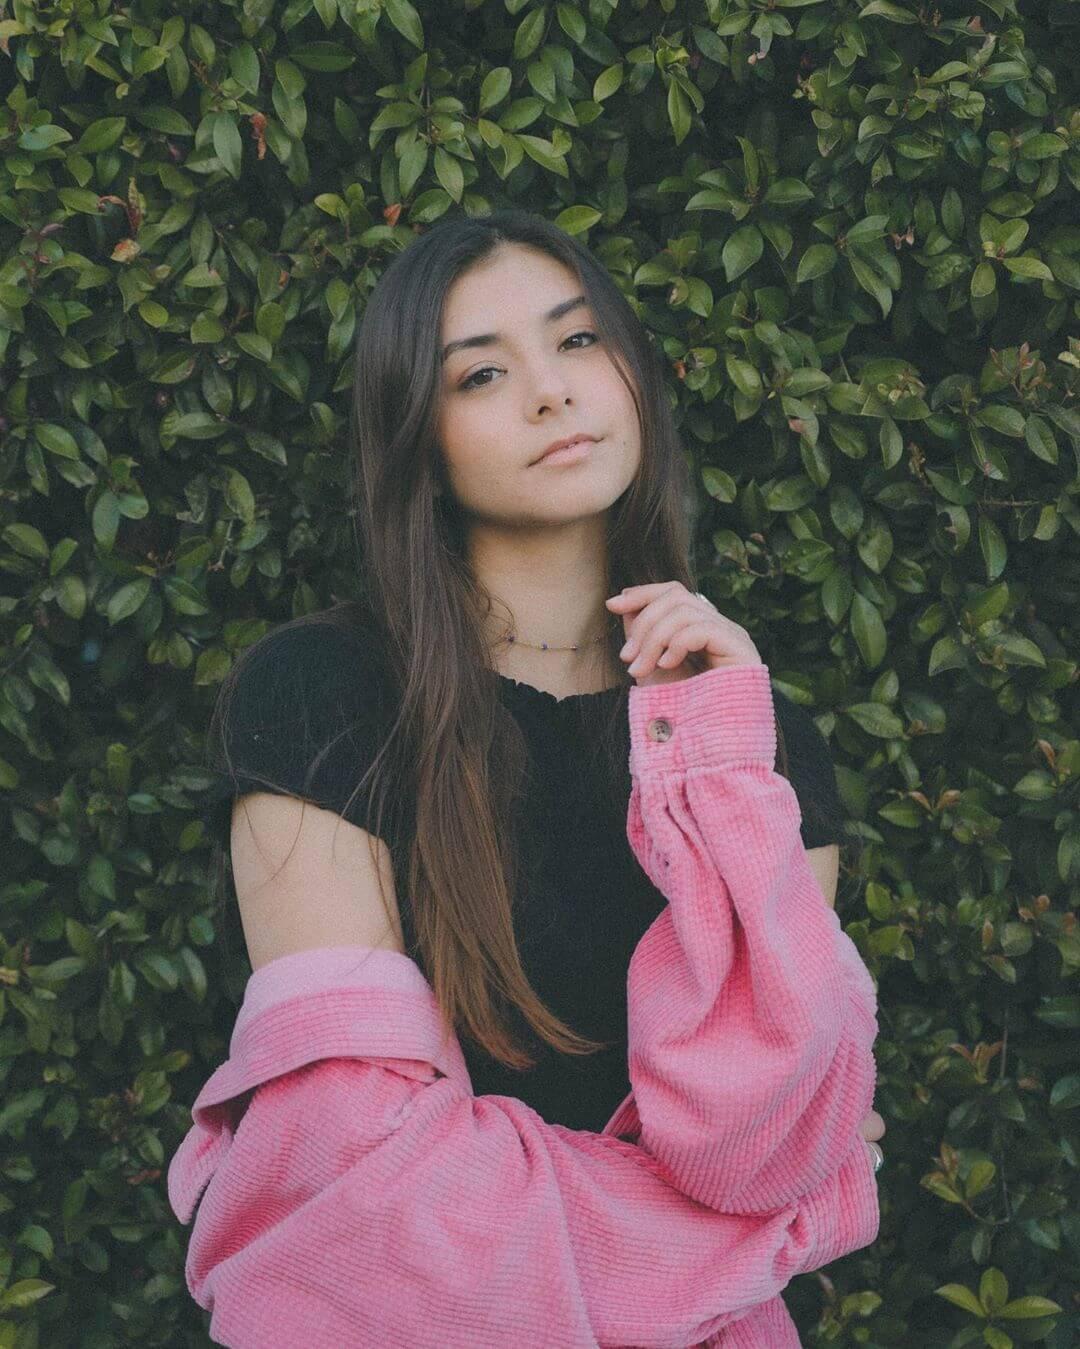 Mia Hayward